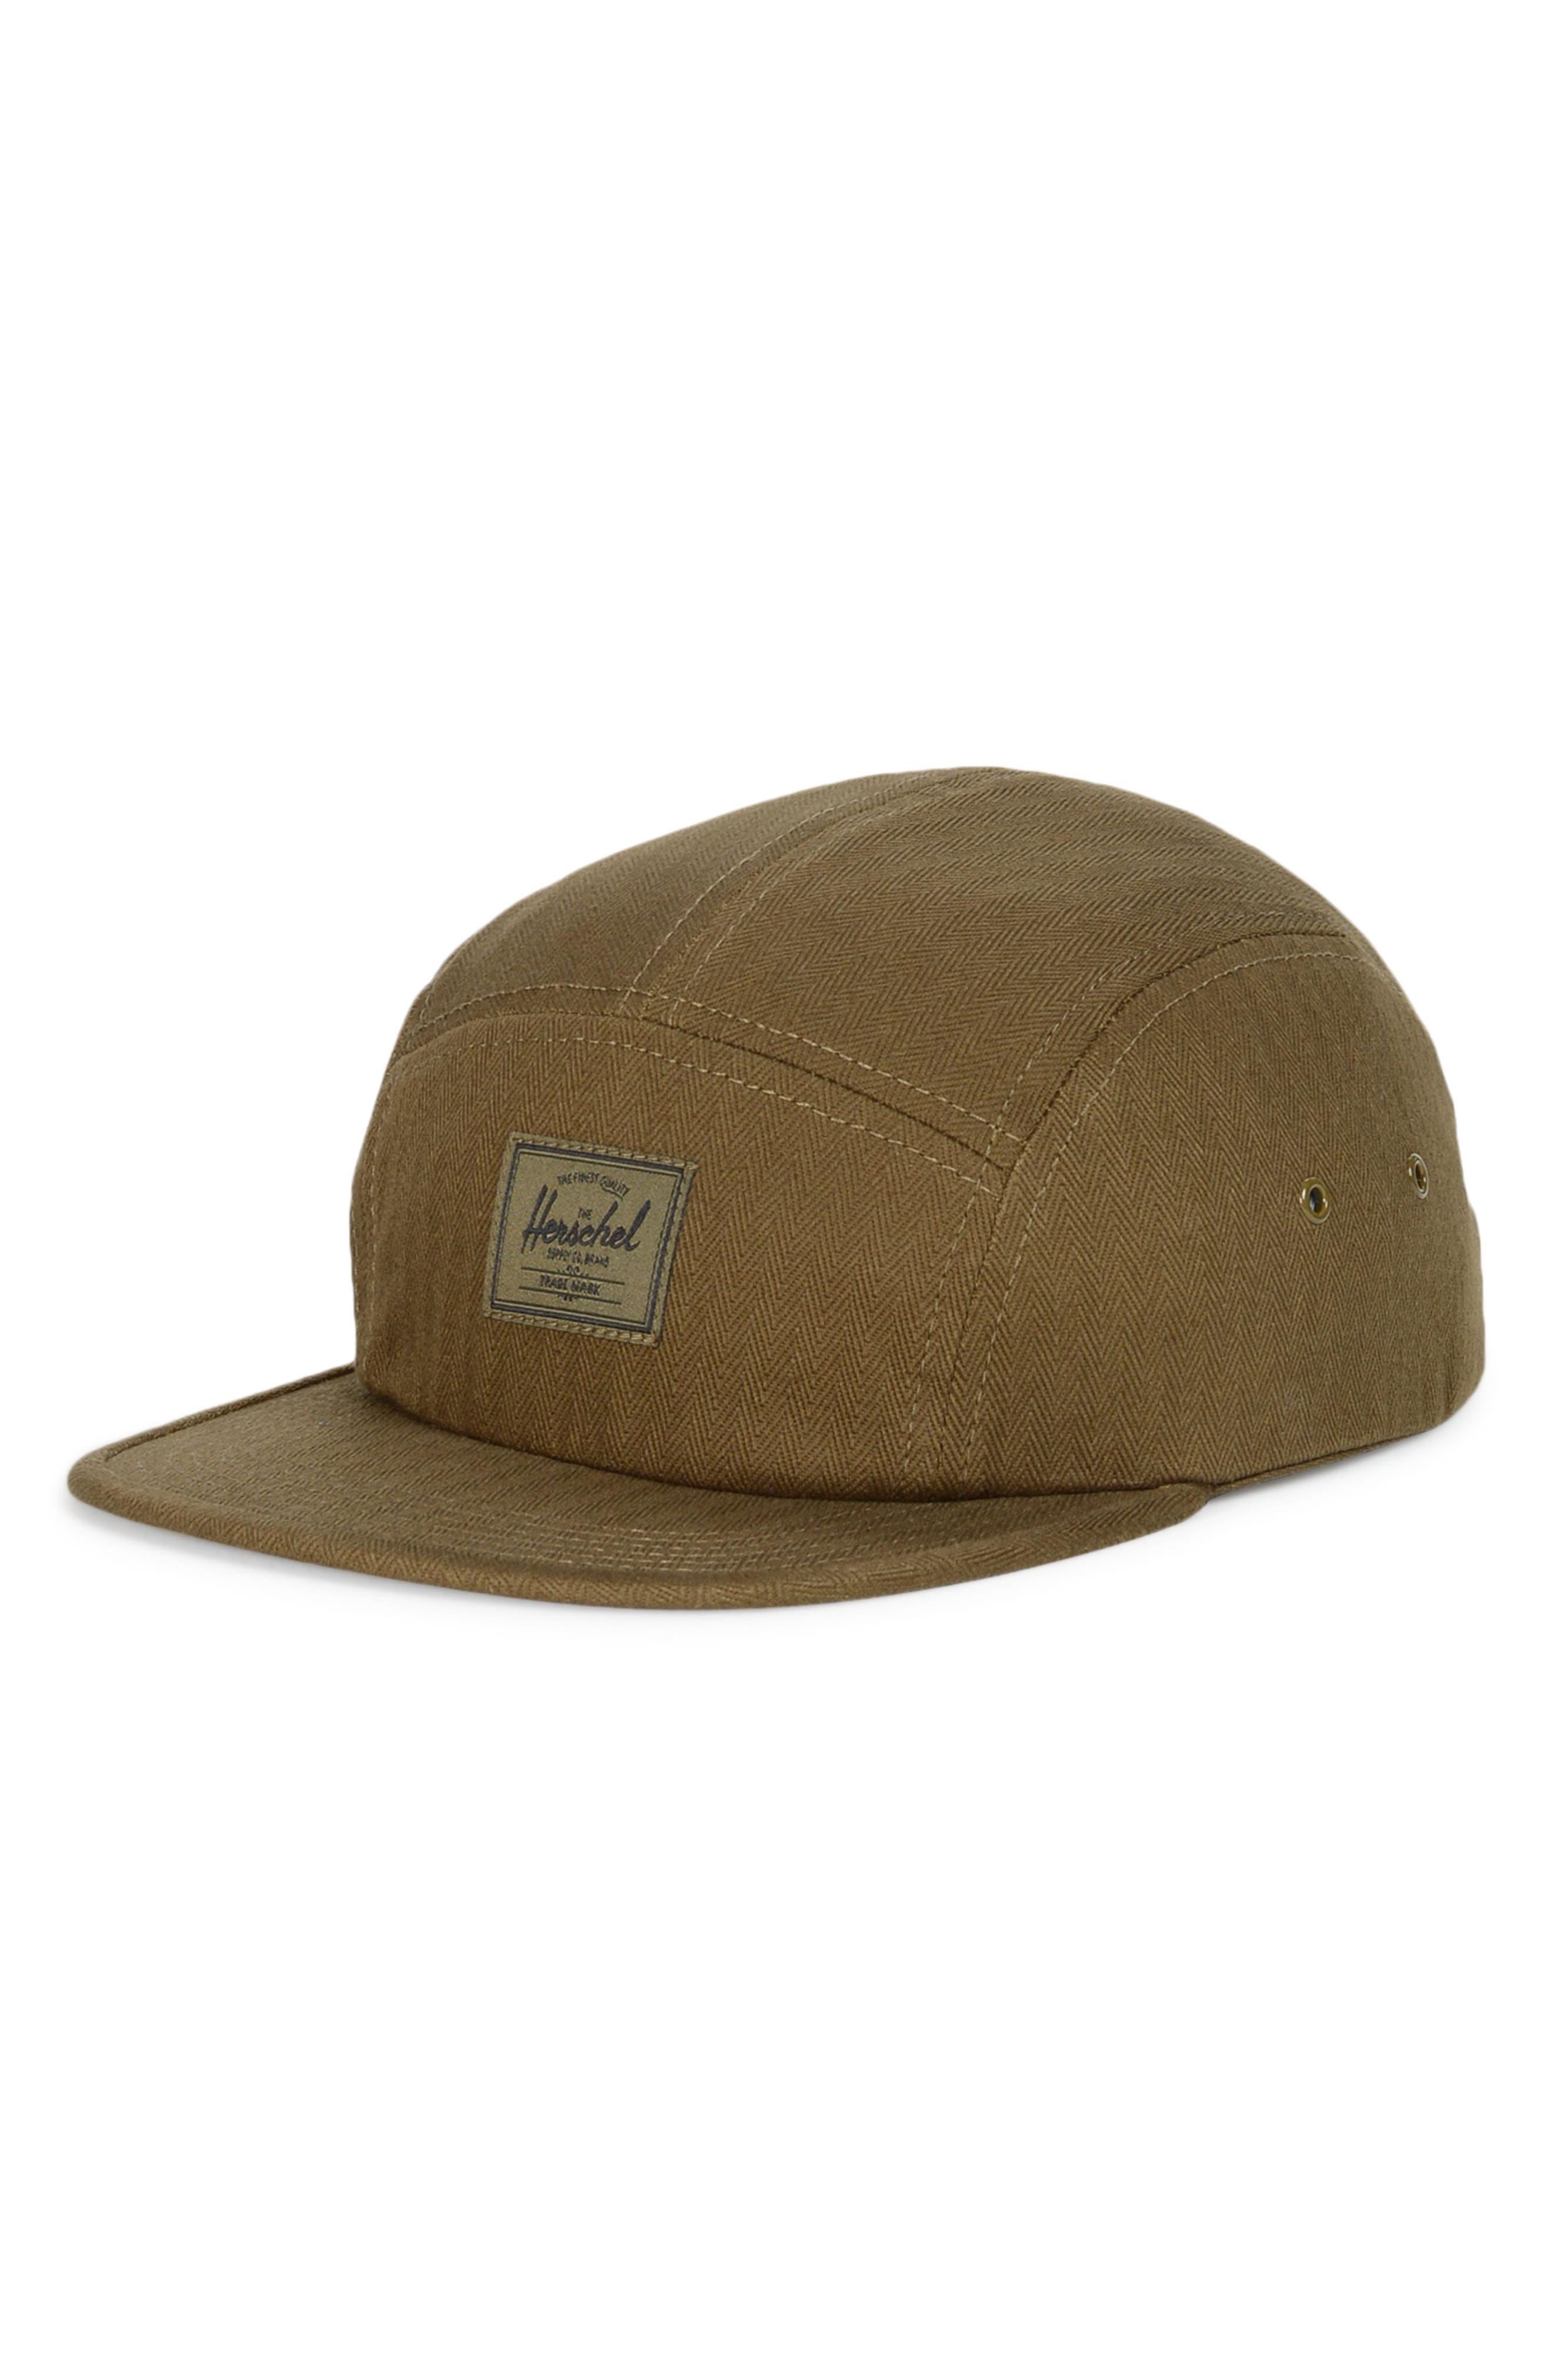 Herschel Supply Co. Glendale Ball Cap